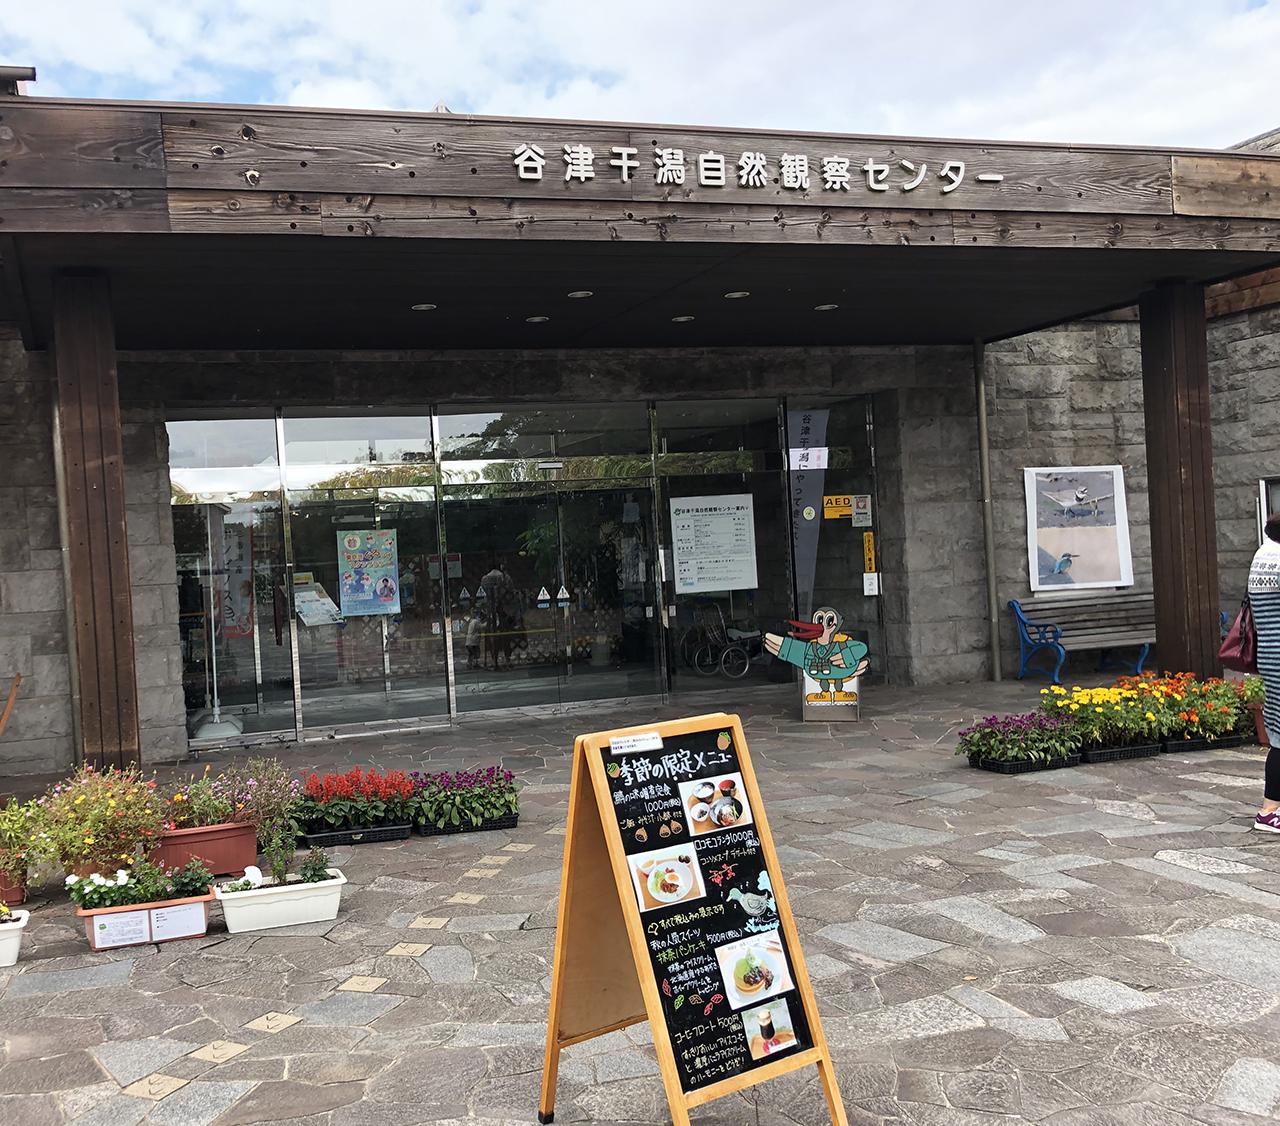 谷津干潟自然観察センターの外観